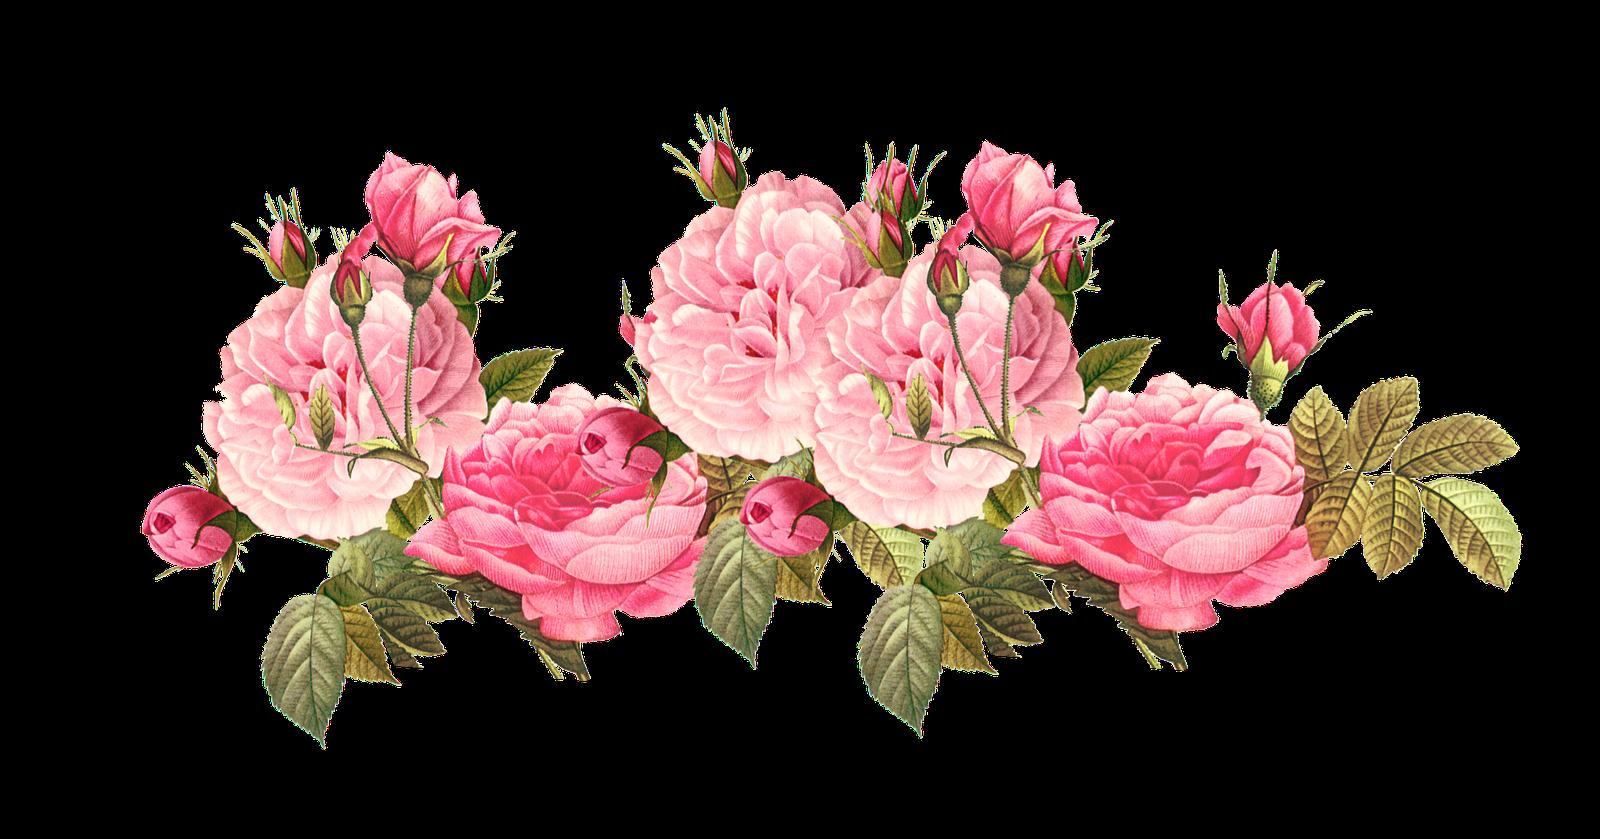 4851255e0188e91462a811d5bdbfaeb1 Vintage Pink Roses Clipart Tumblr 1600 839